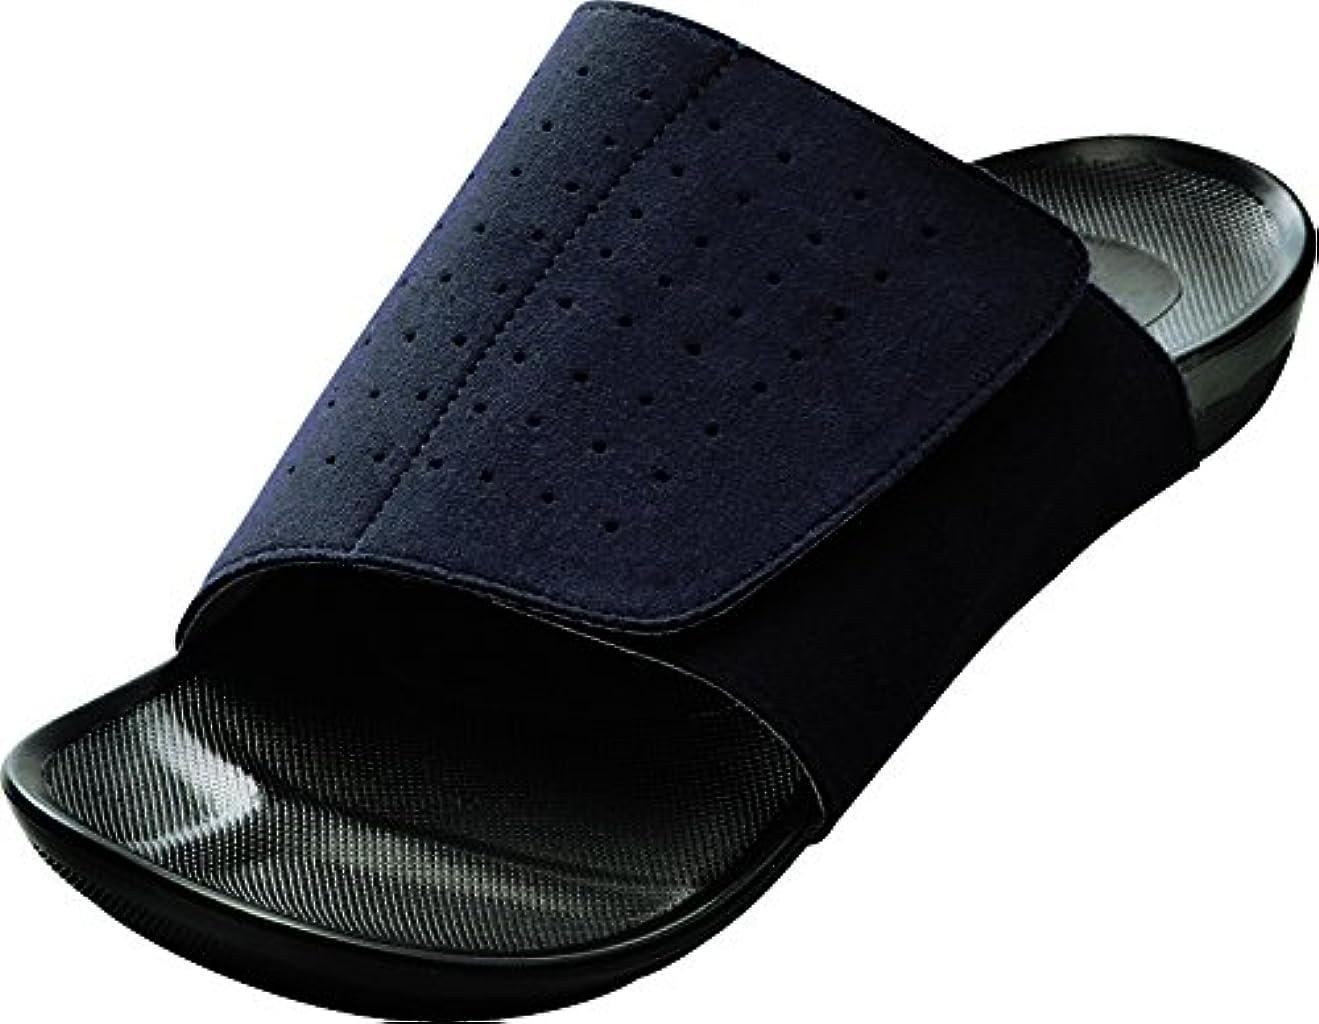 提出する委任する非互換AKAISHI アーチフィッター室内履き 601 ネイビー LLサイズ